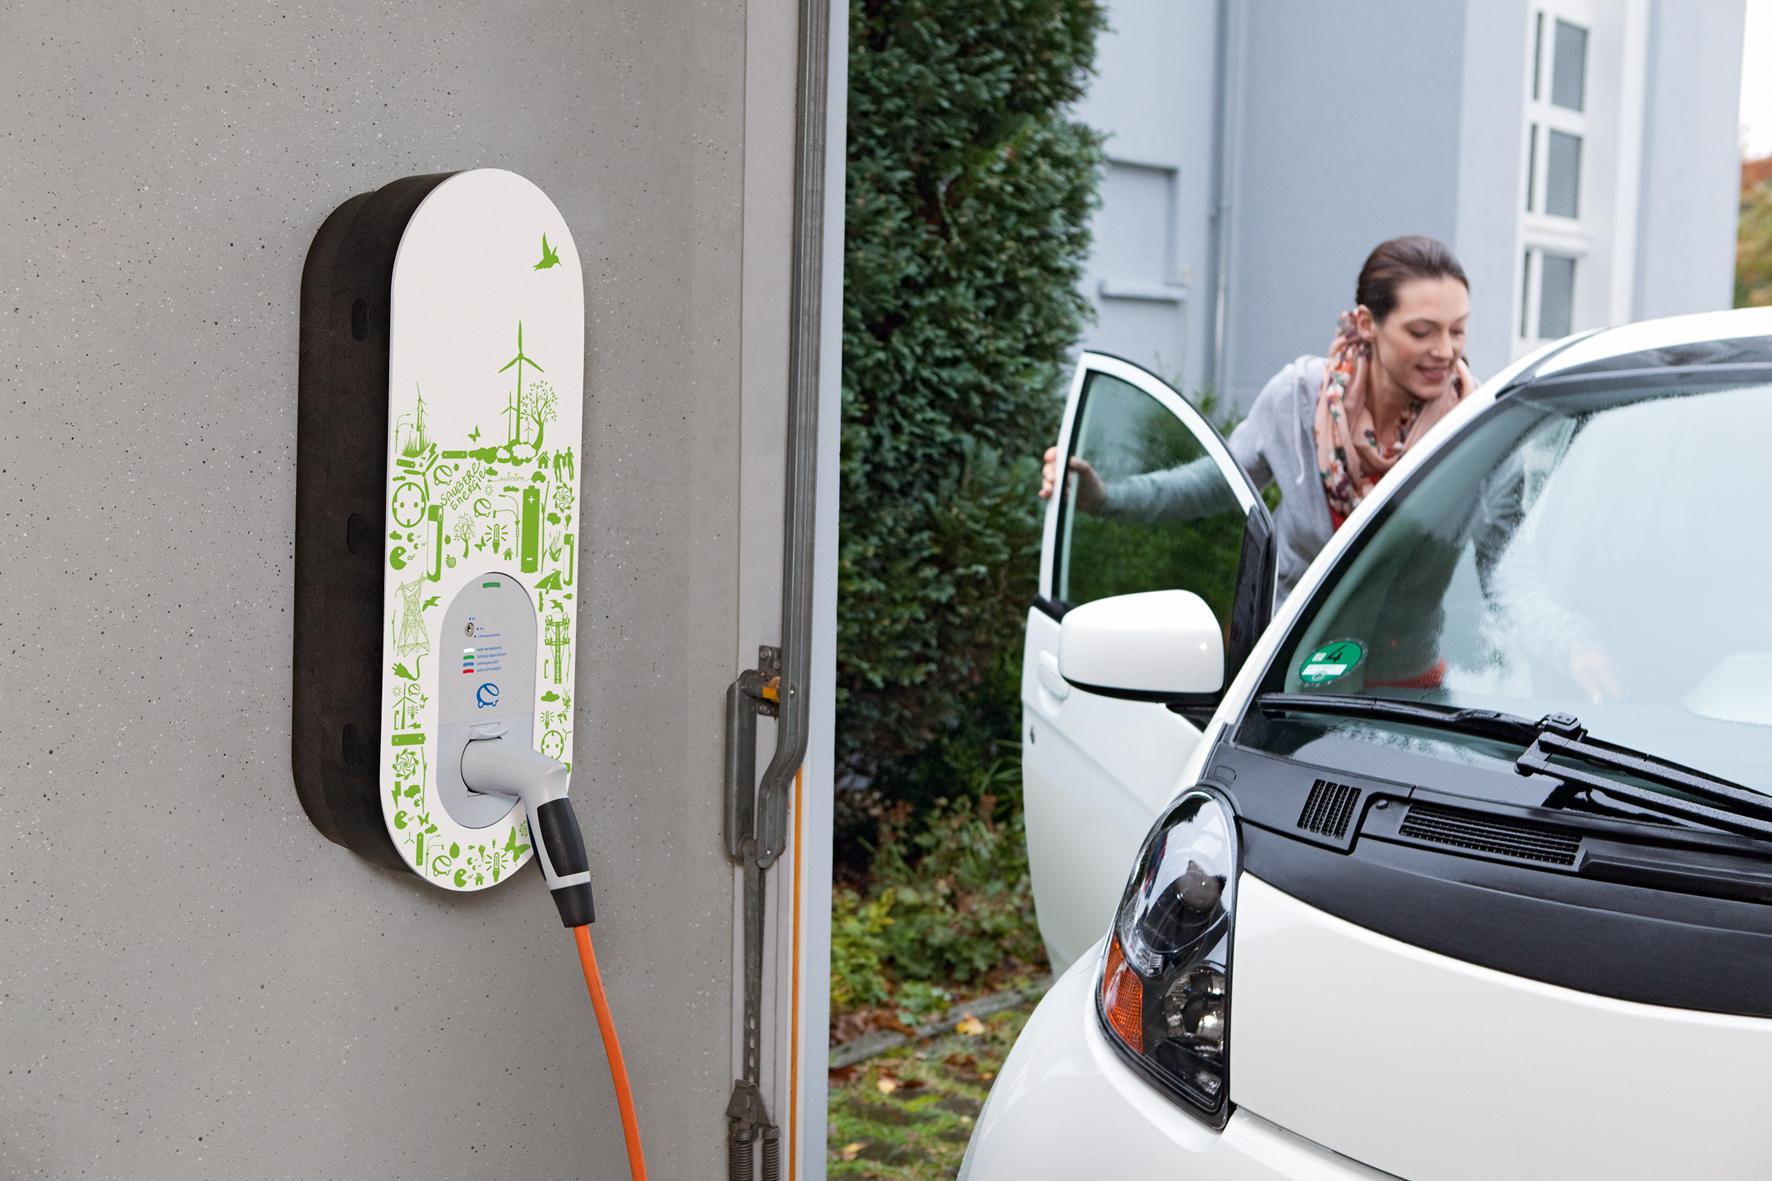 """mid Düsseldorf - Aufgeladen: Für elektrisch mobile Privatkunden gibt es von RWE jetzt die """"eBox"""". Diese Ladebox für die eigene Einfahrt oder Garage versorgt das E-Auto immer dann mit Strom, wenn es zu Hause parkt."""